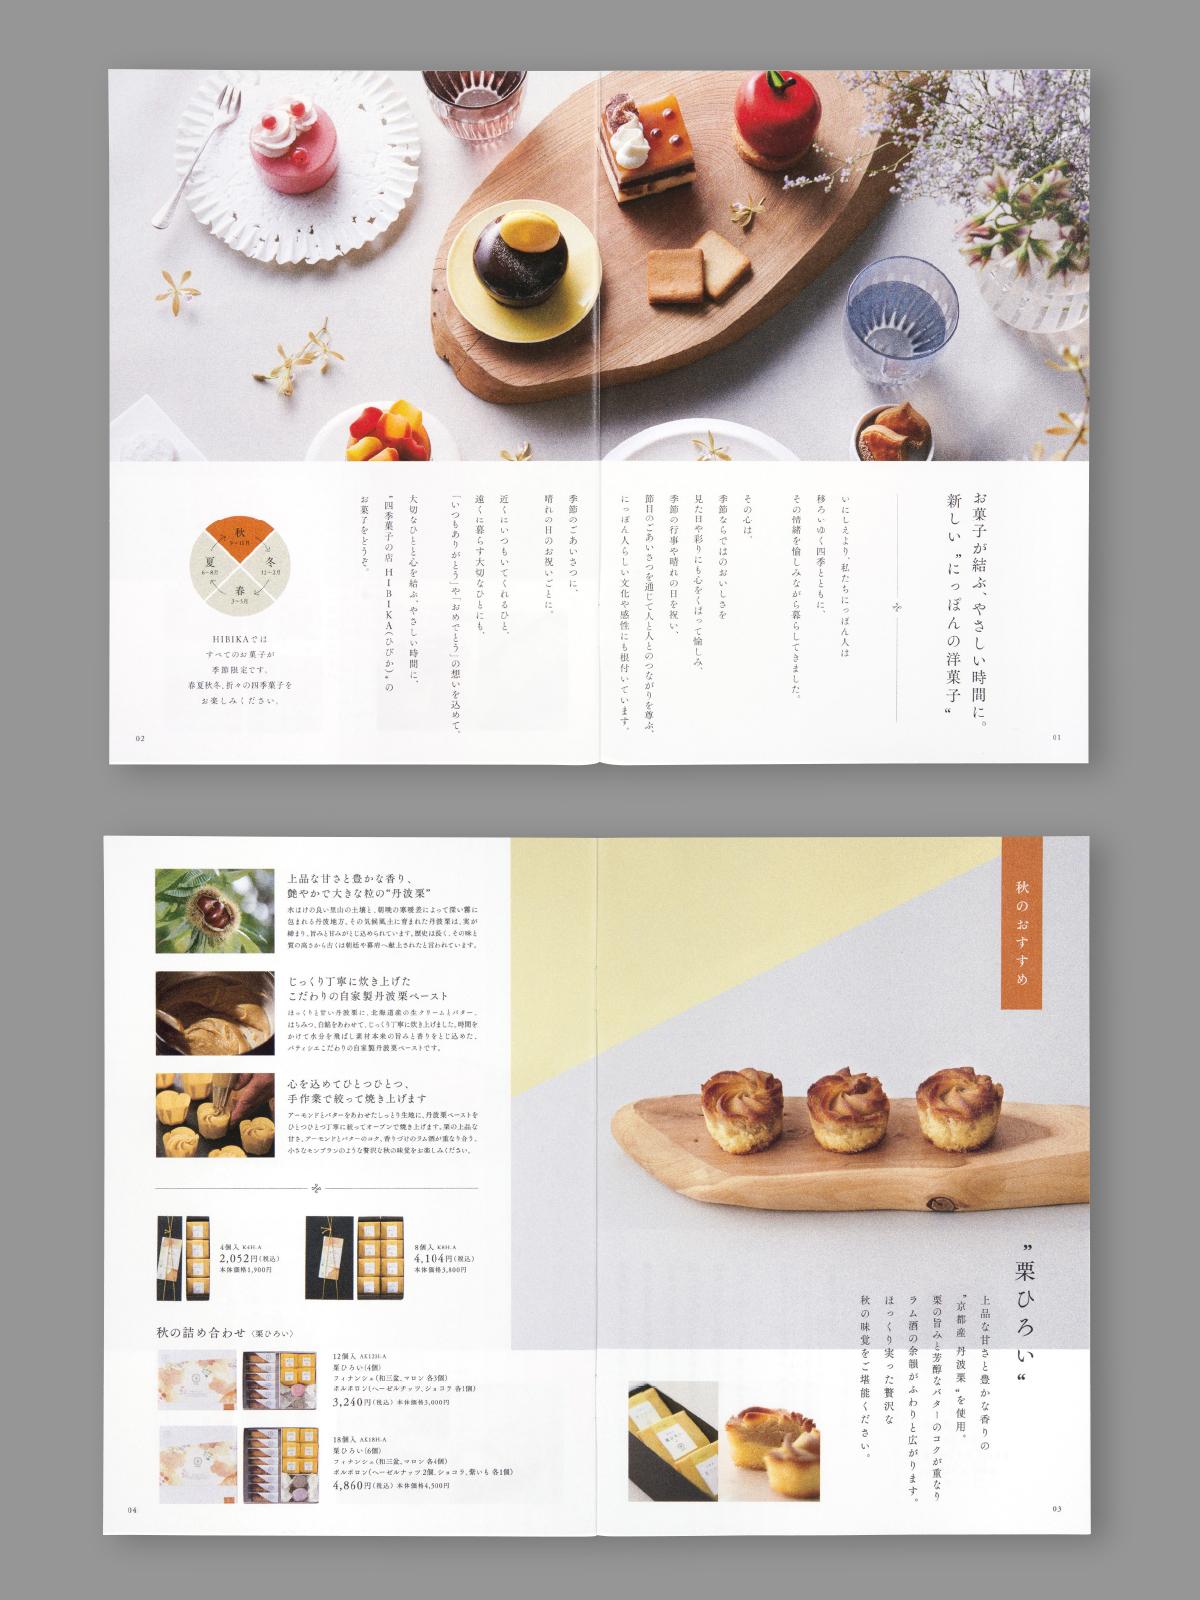 HIBIKA 2020秋季 商品カタログの画像1